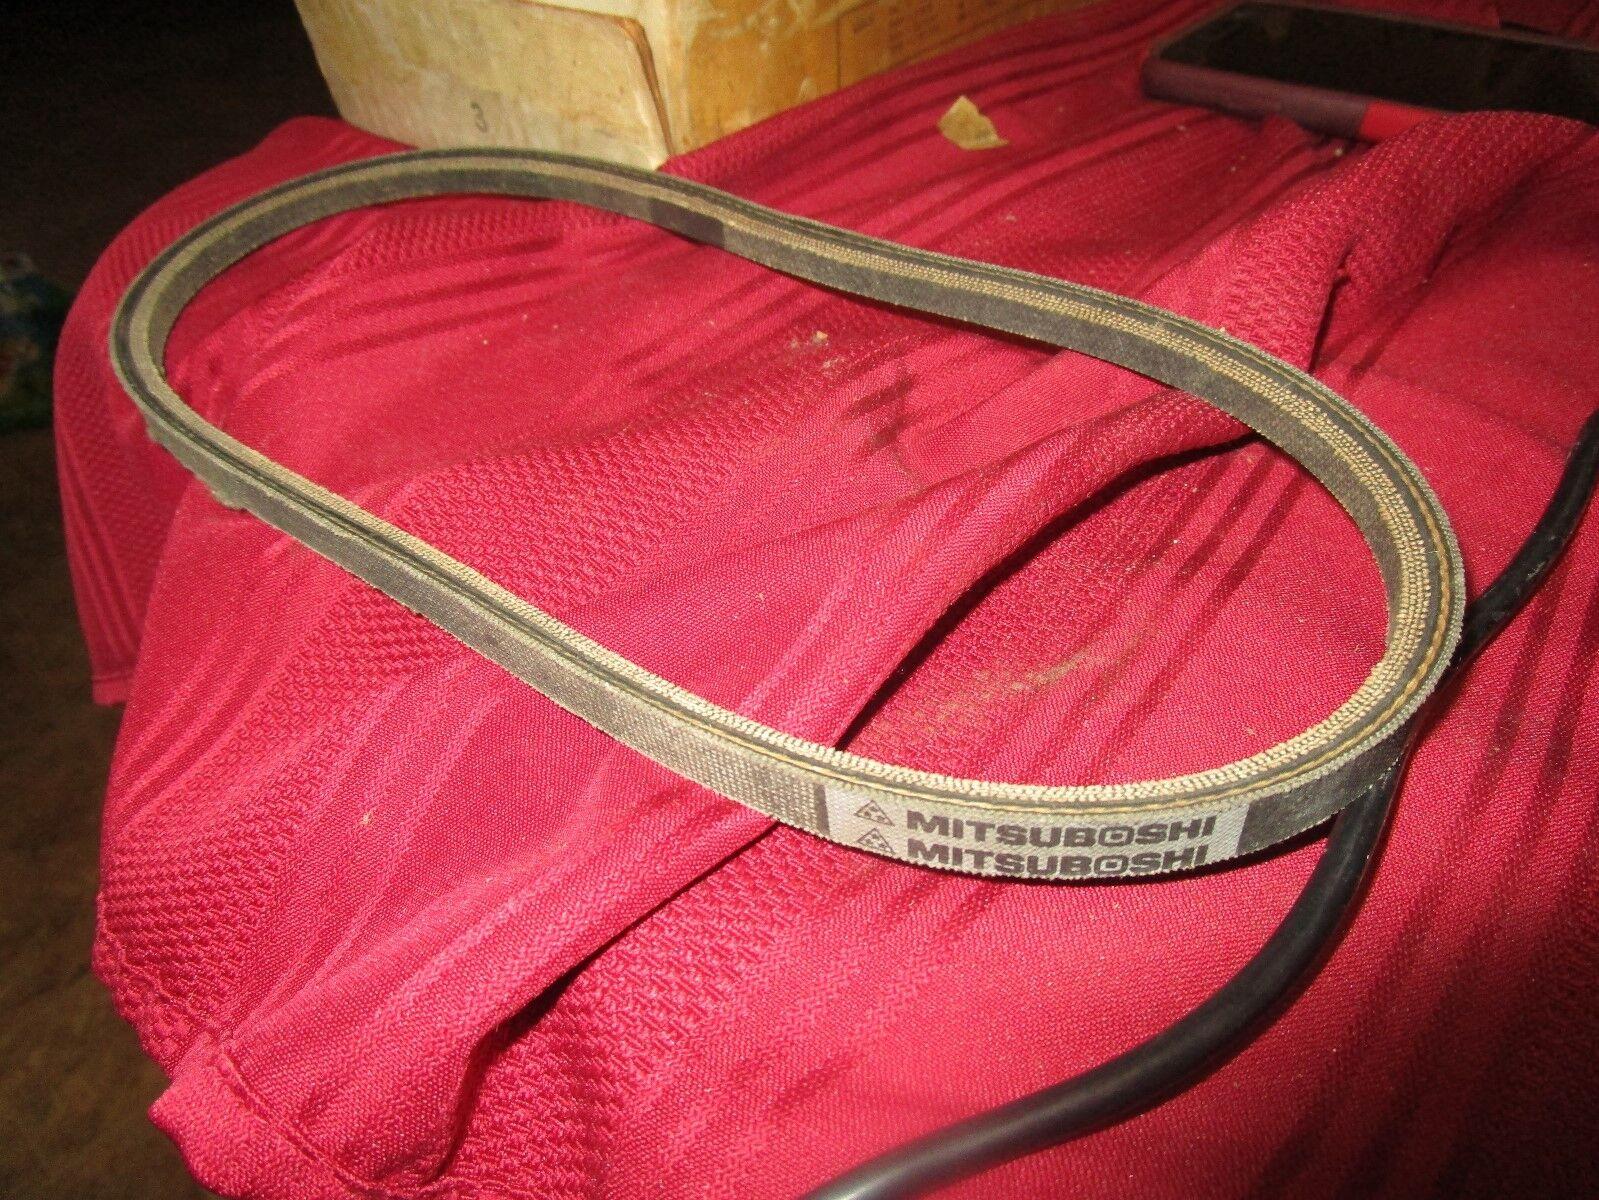 Yamaha SS 440 fan belt new 8K4 12612 00